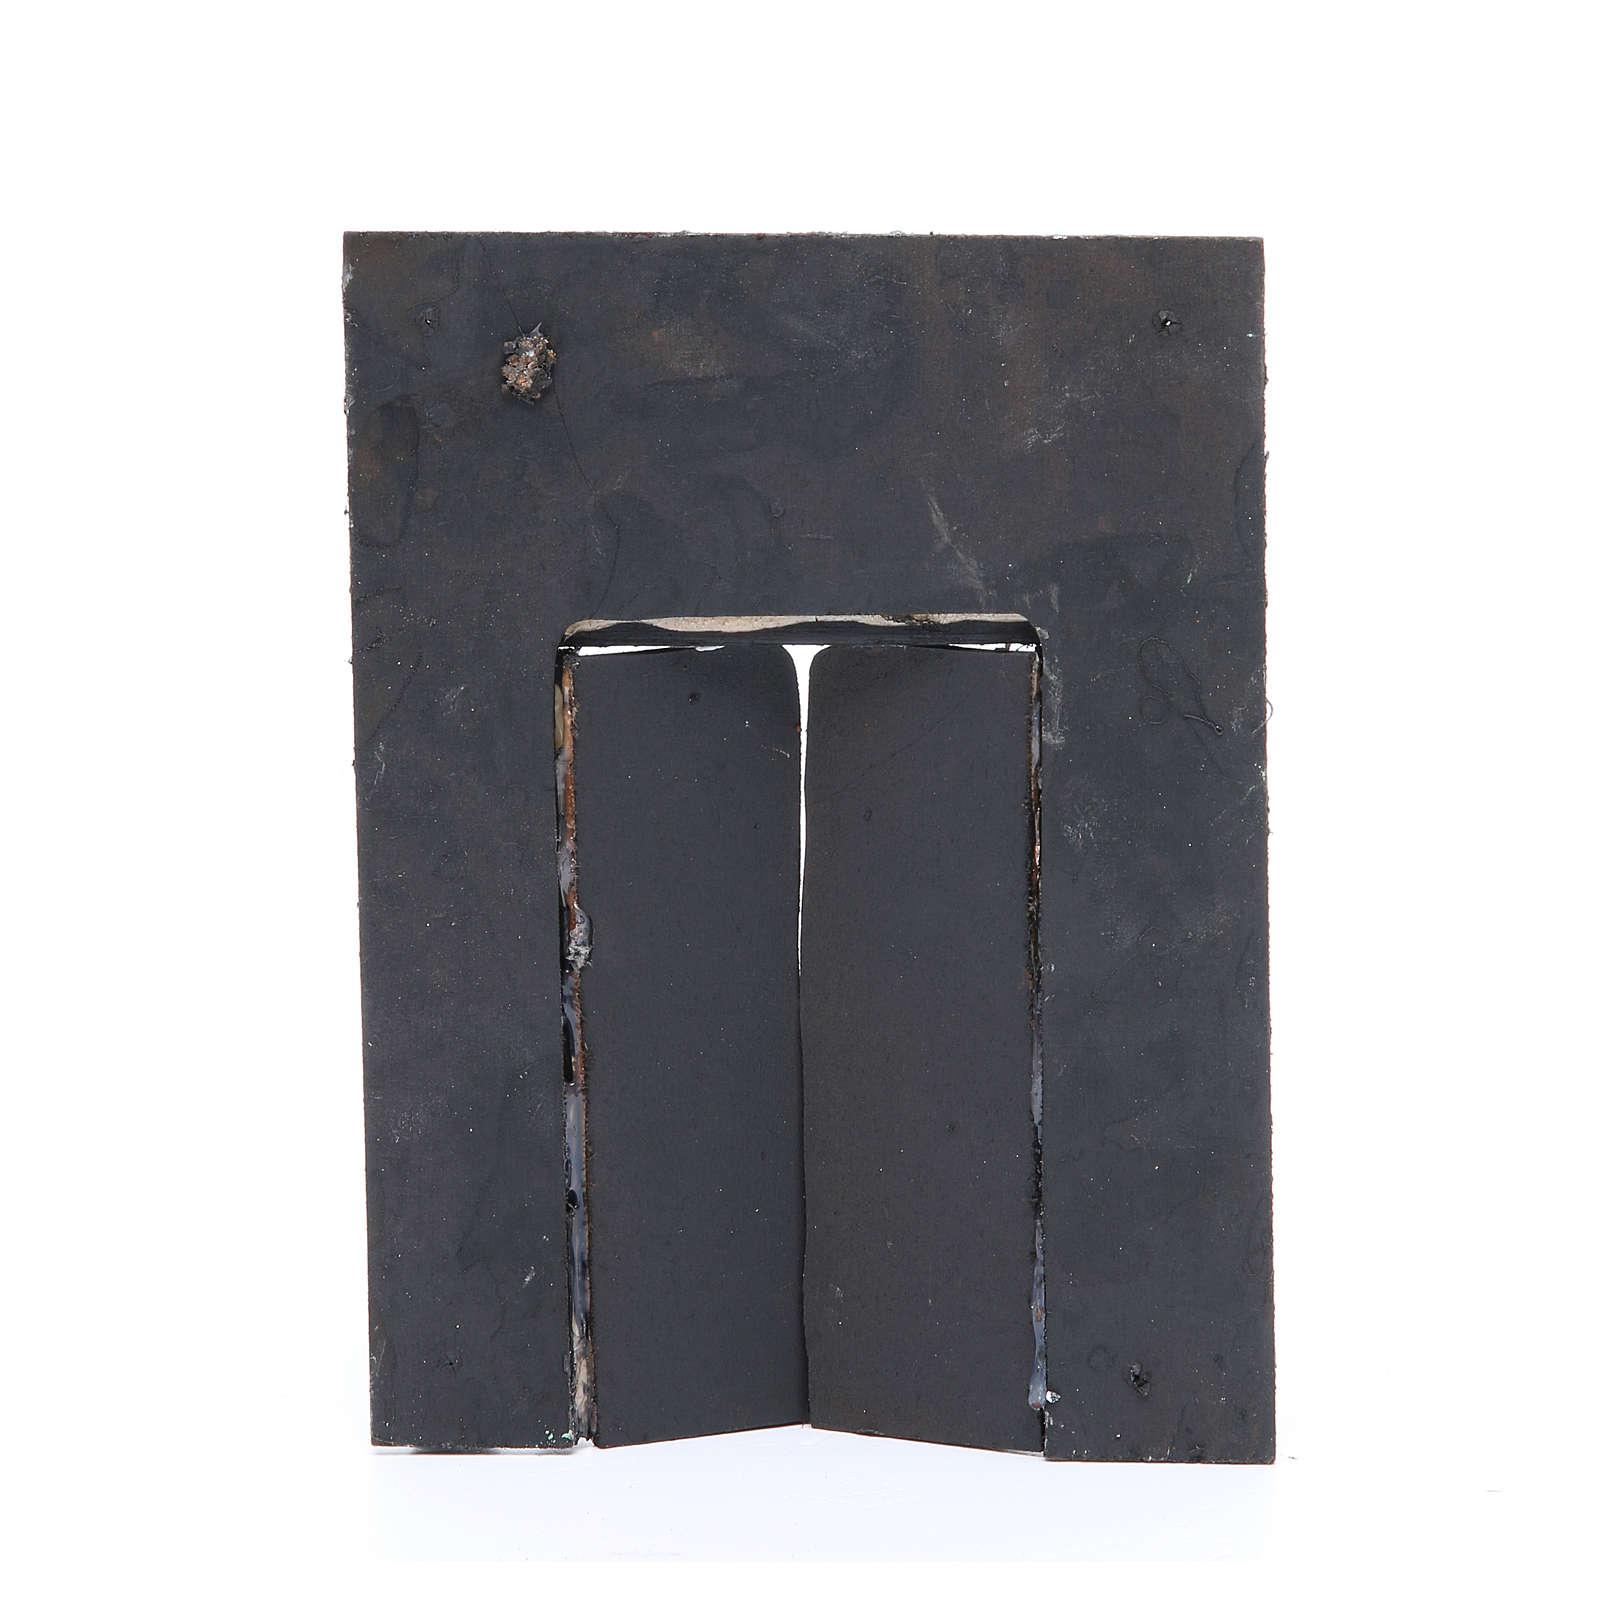 Ściana z drzwiami wejściowymi 20x15x2.5 cm do szopki 4